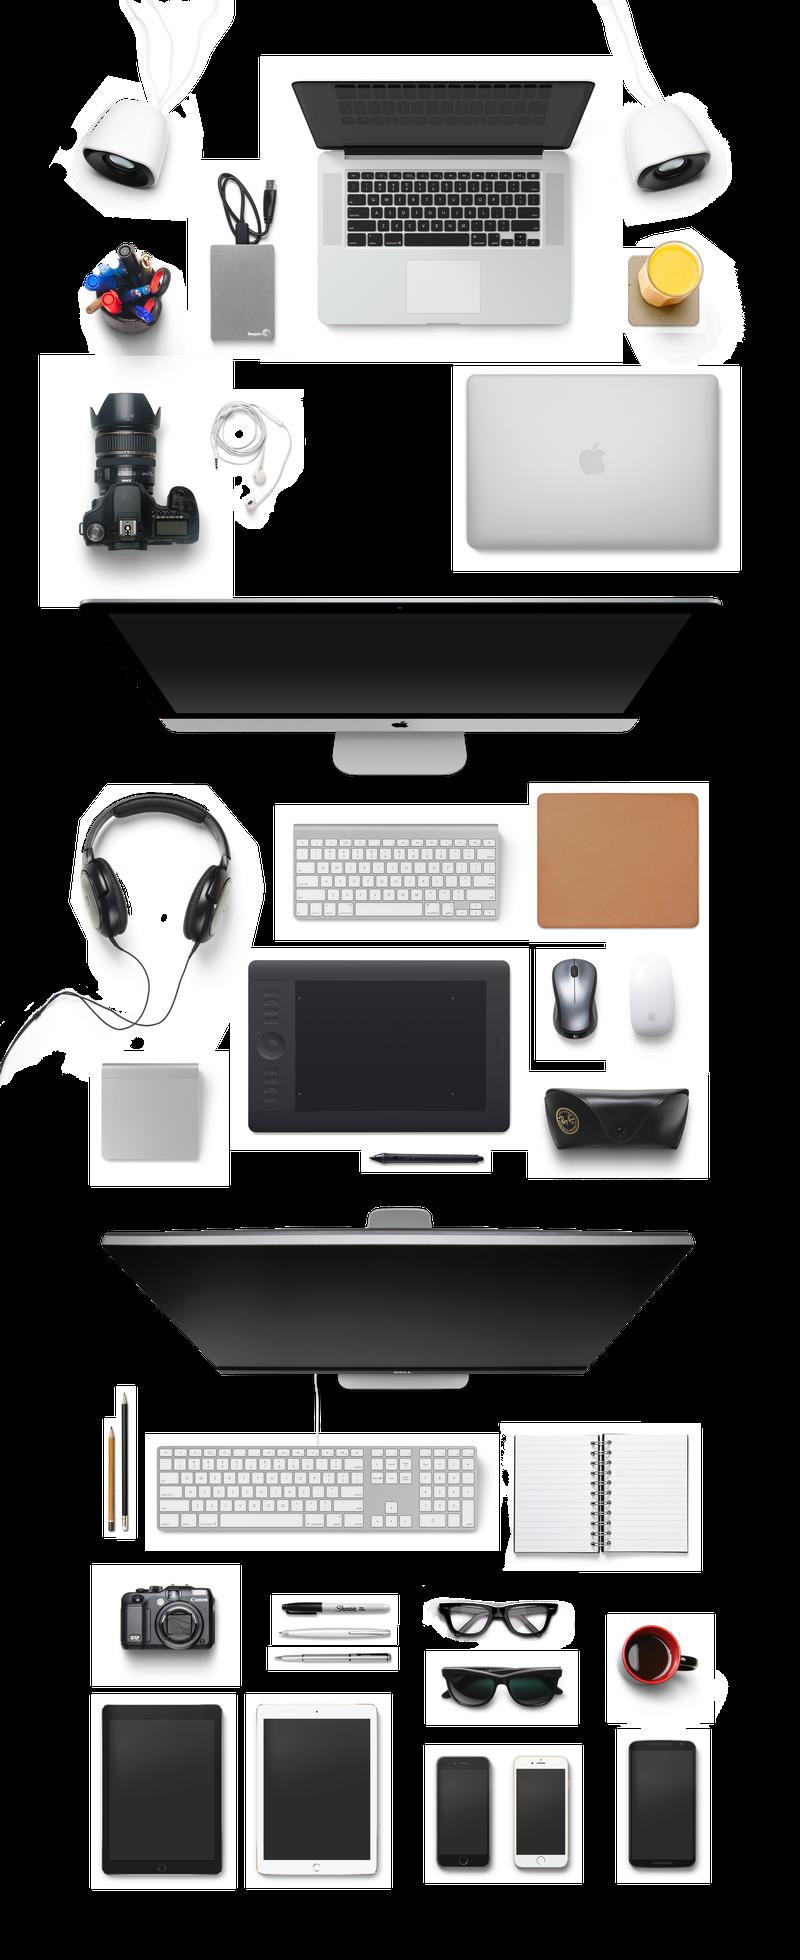 各種電腦辦公桌配件